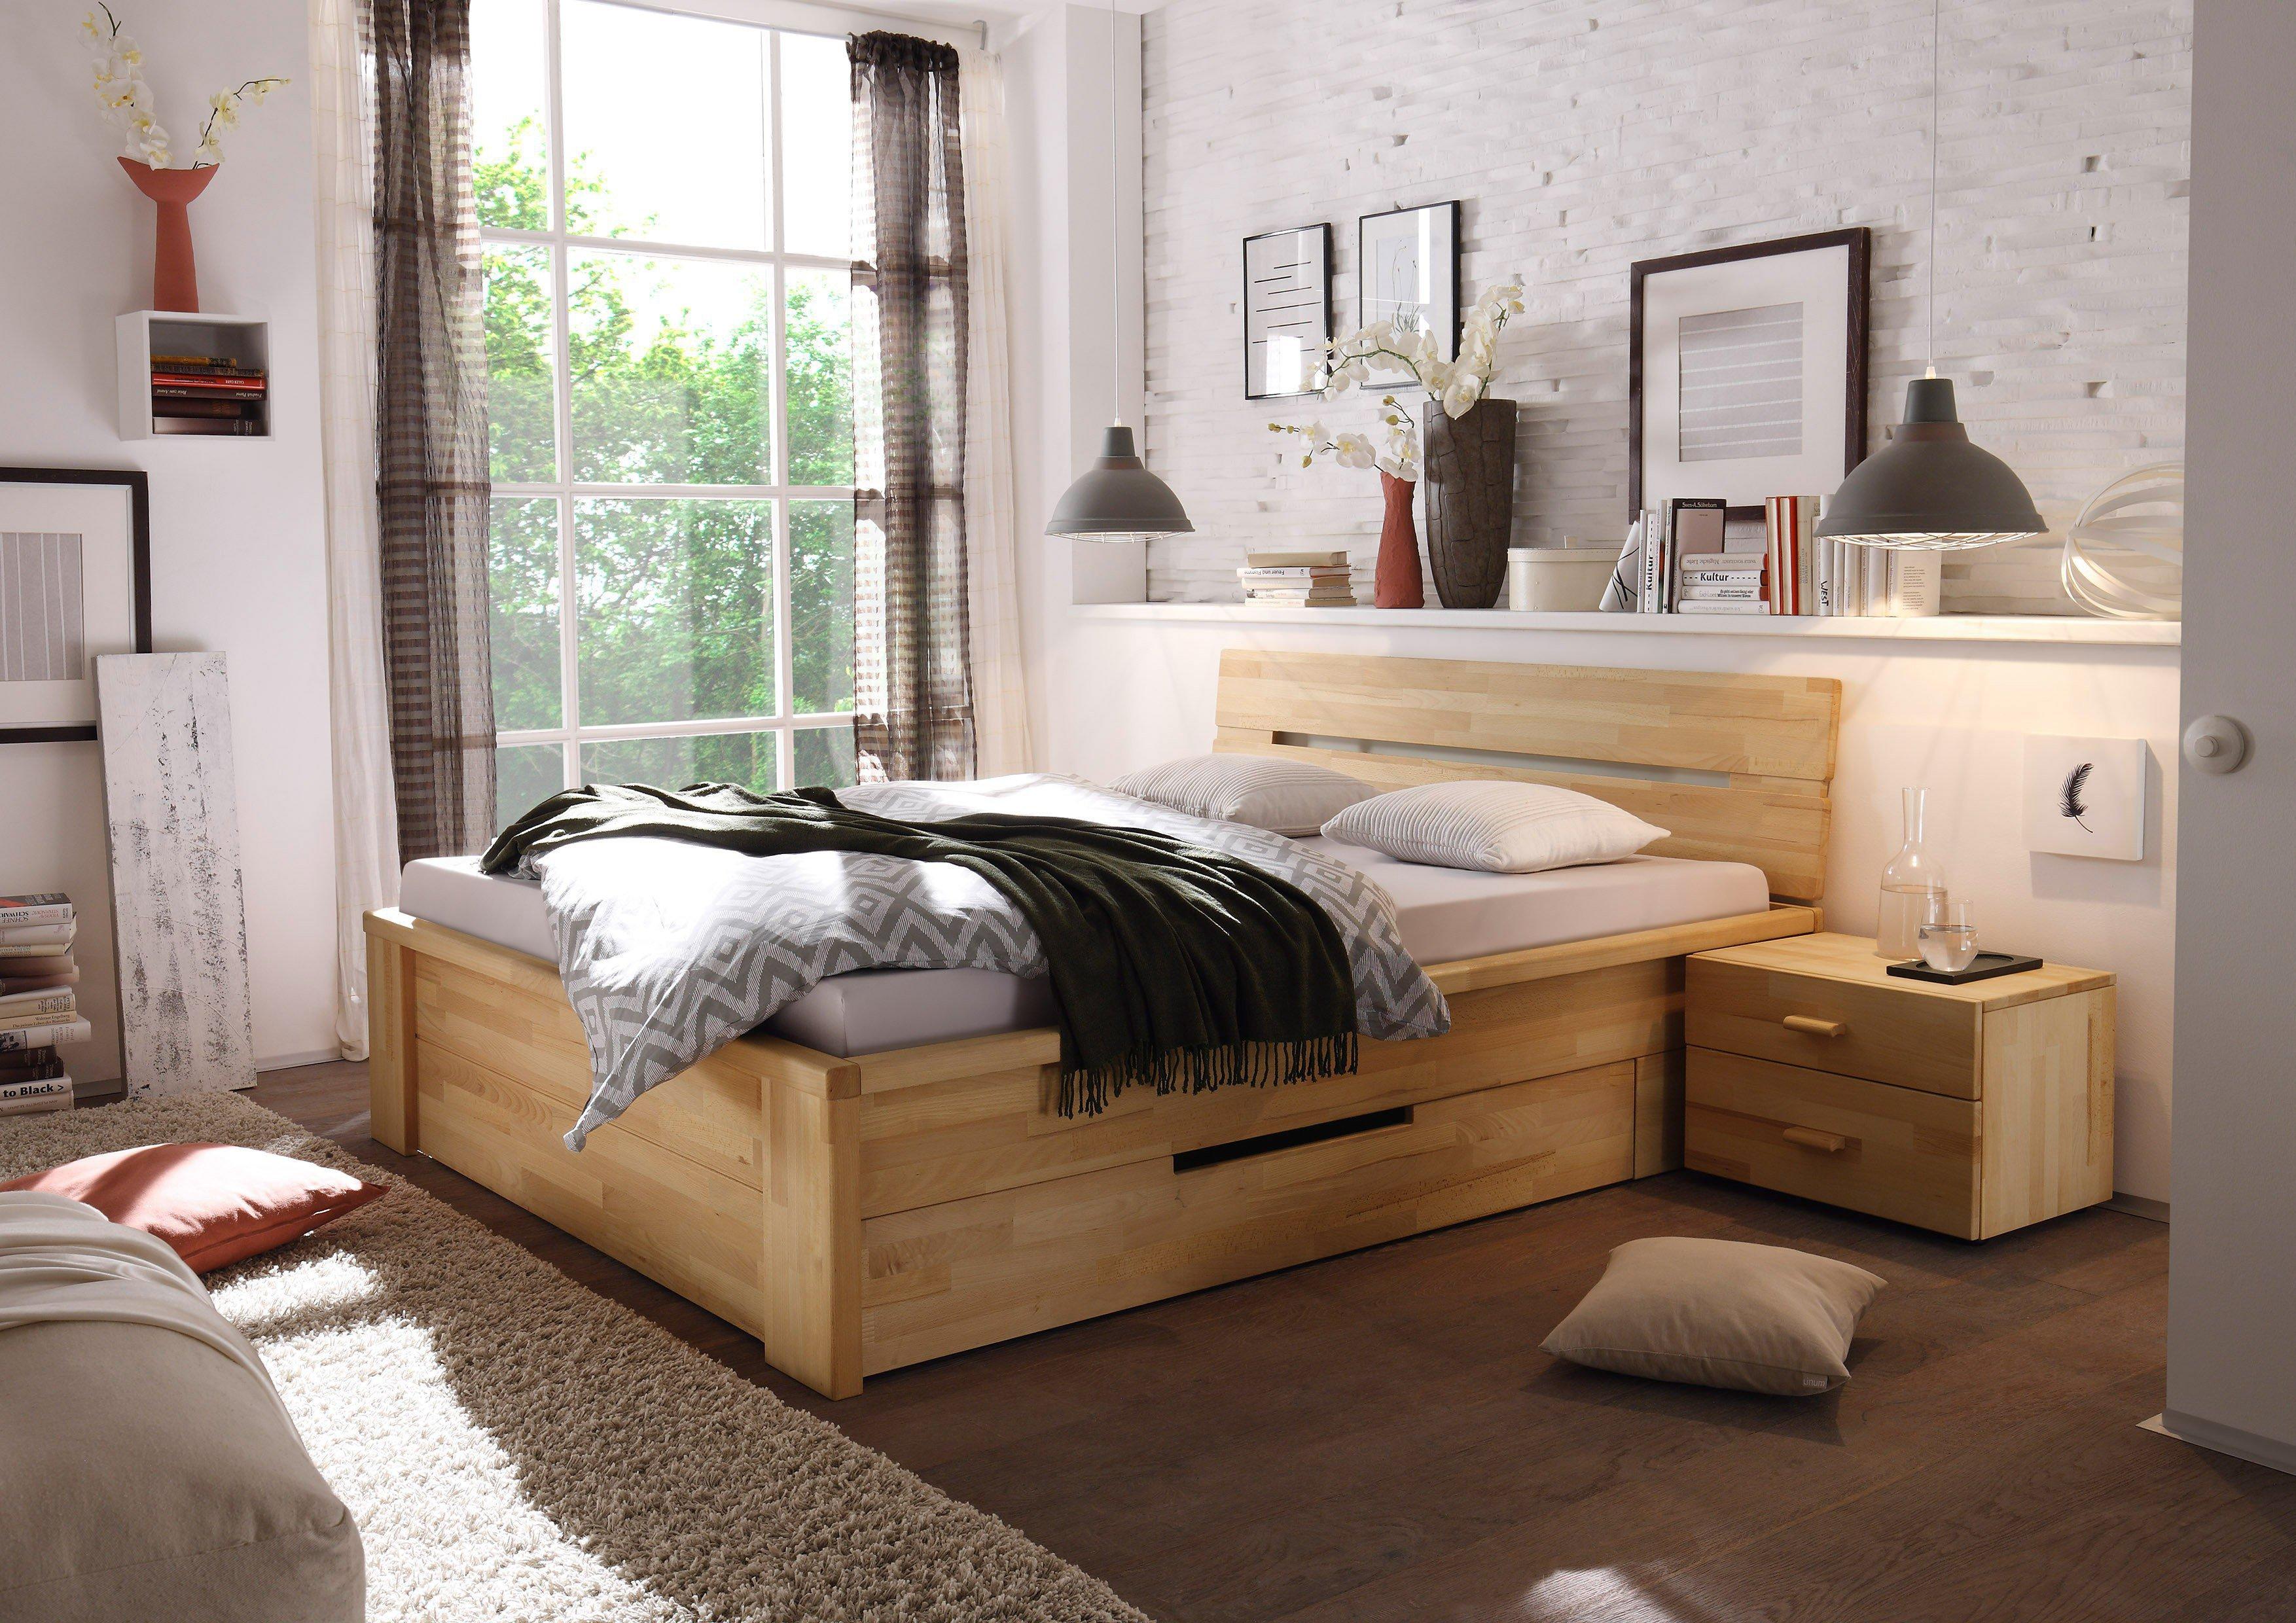 Naturmöbel holzbett 140 200 mit schubladen dekoration ideen